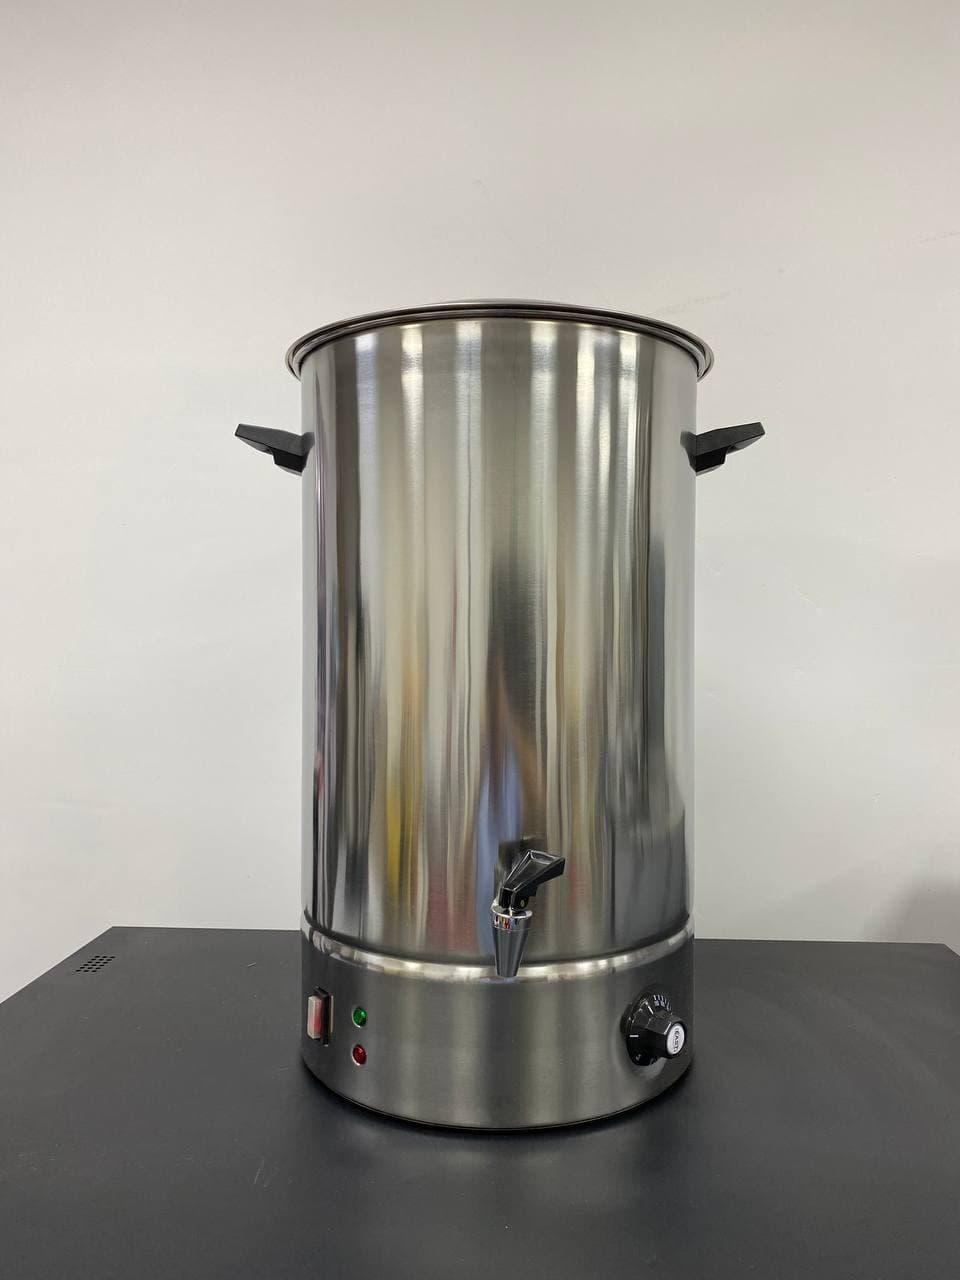 Электро-кипятильник (чаераздатчик) 25 литров